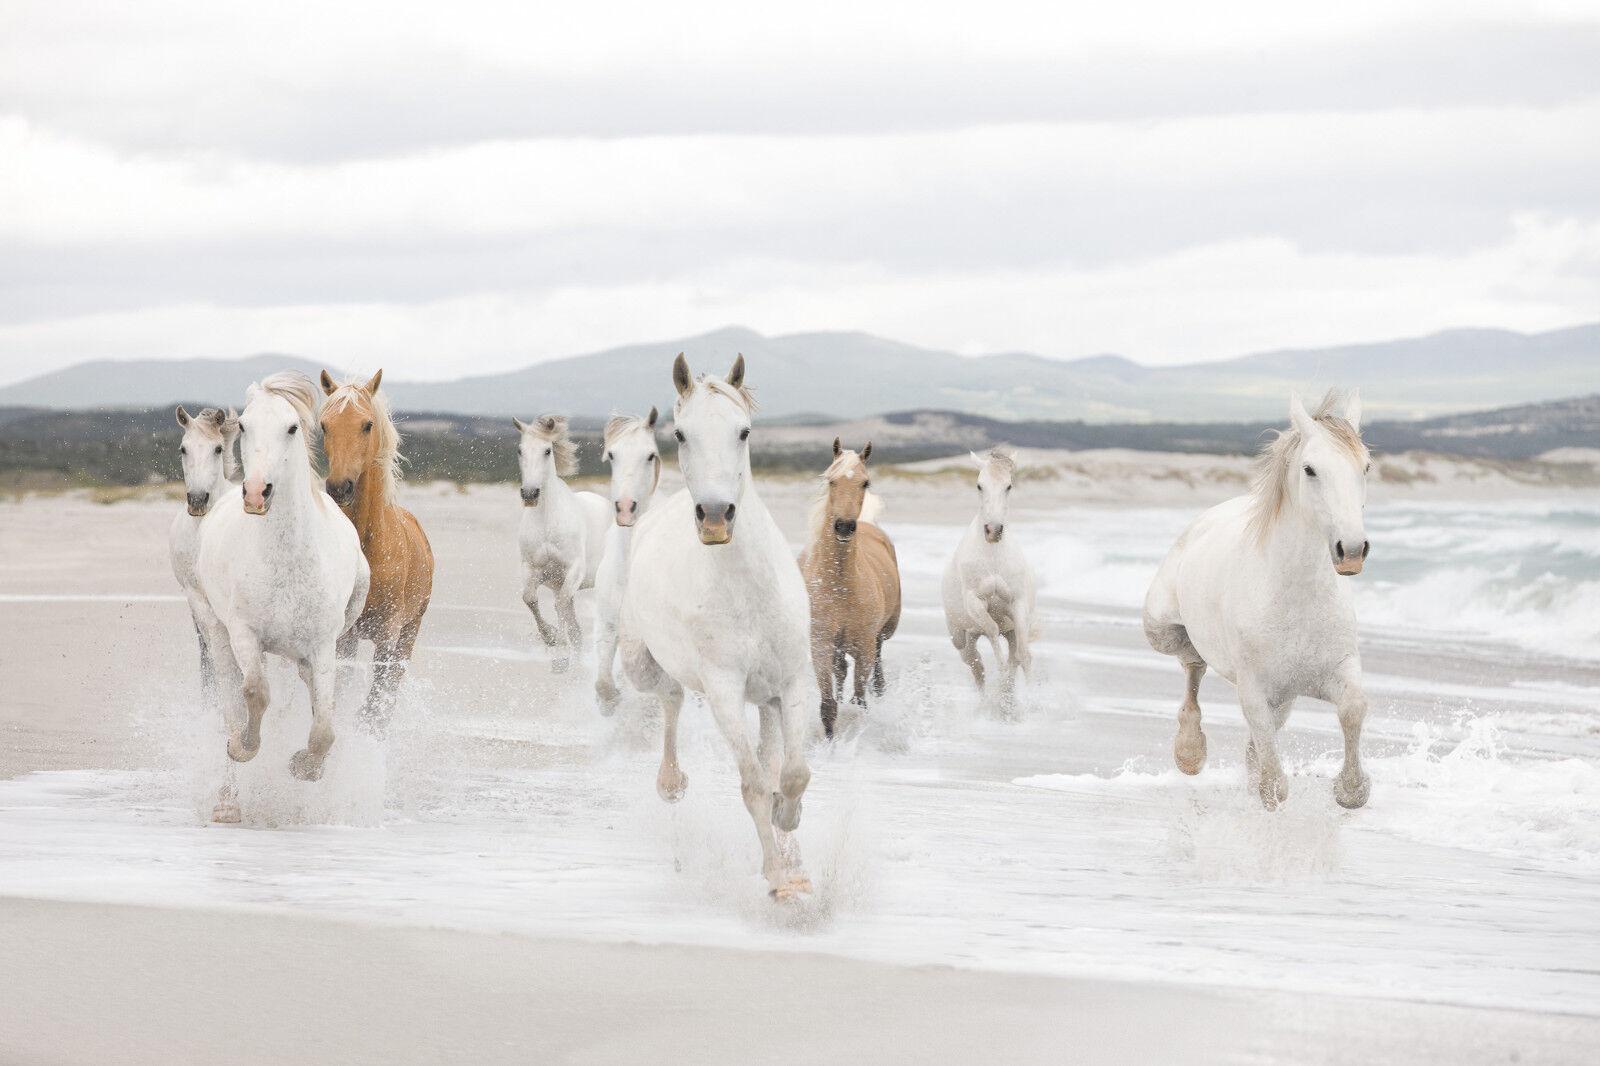 Weiß Horses - - - Fototapete 368 x 254cm - Wildpferde, Strand, Meer, Pferde - Komar c8a843